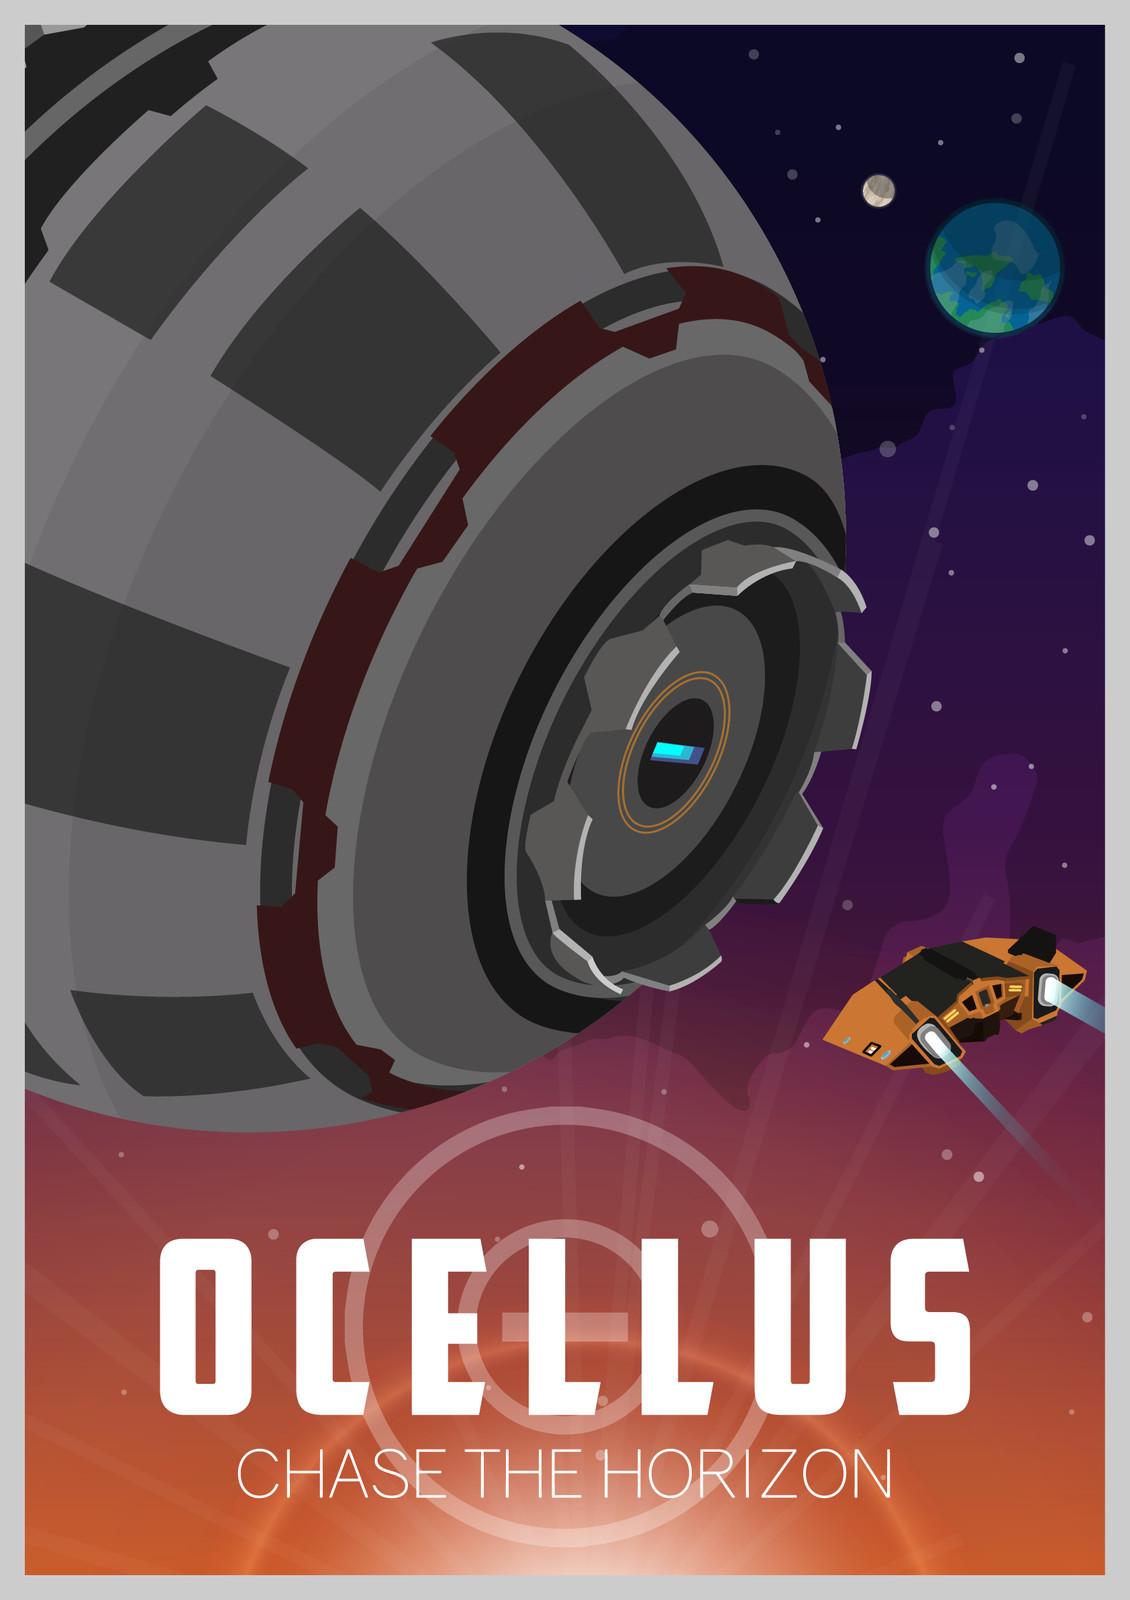 Elite Dangerous - Ocellus Starport